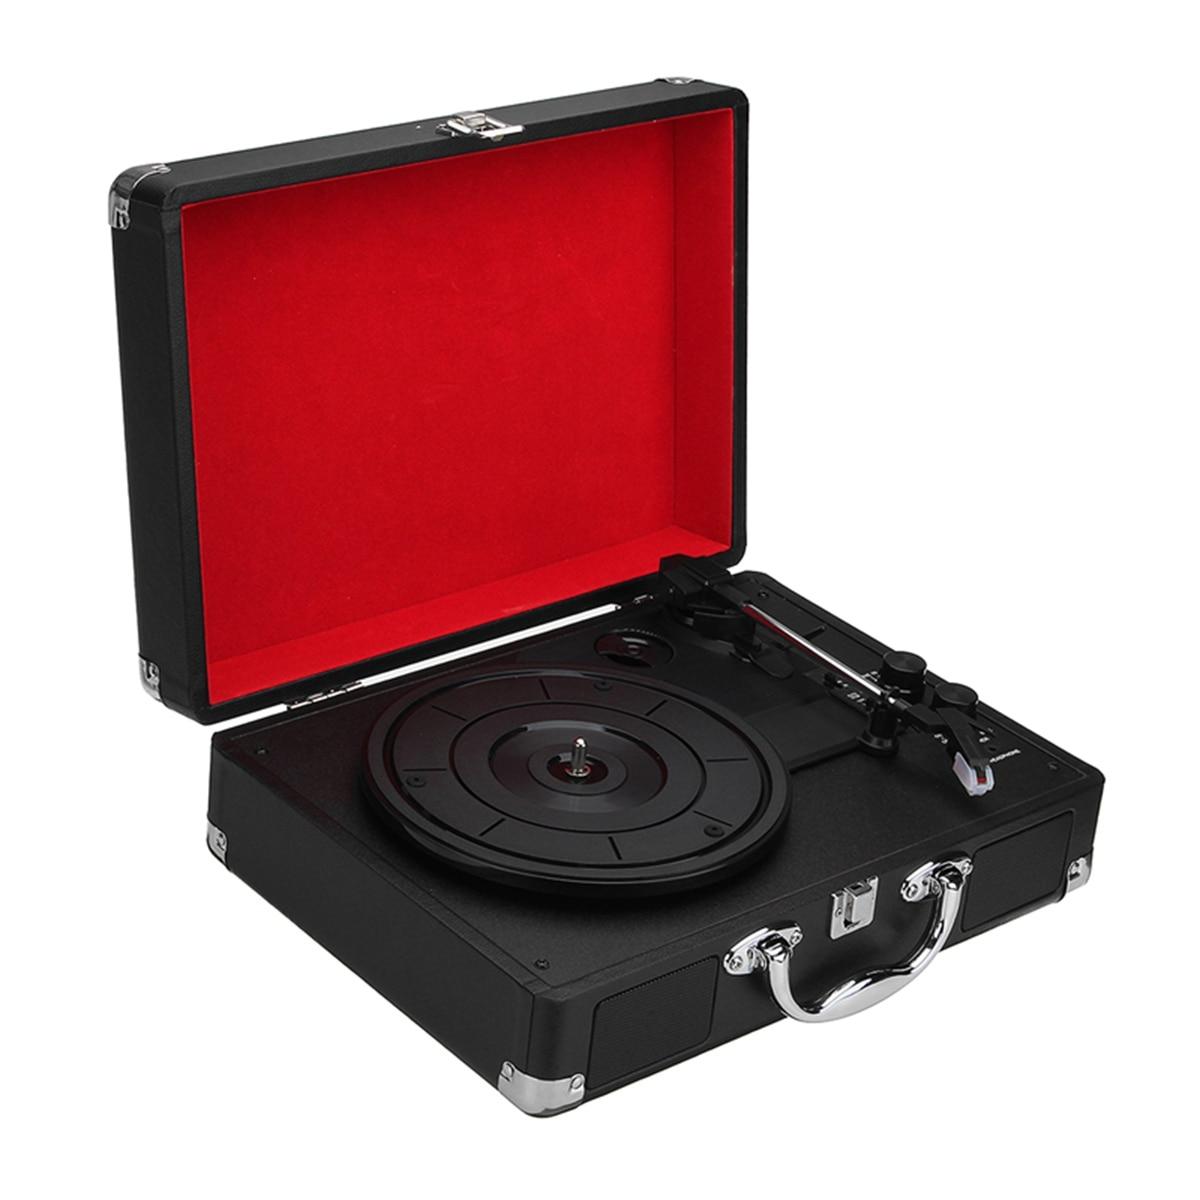 33/45/78 Rpm Bluetooth valise portable tourne-disque vinyle Lp lecteur de téléphone 3 vitesses Aux-In Line-Out 100-240 V